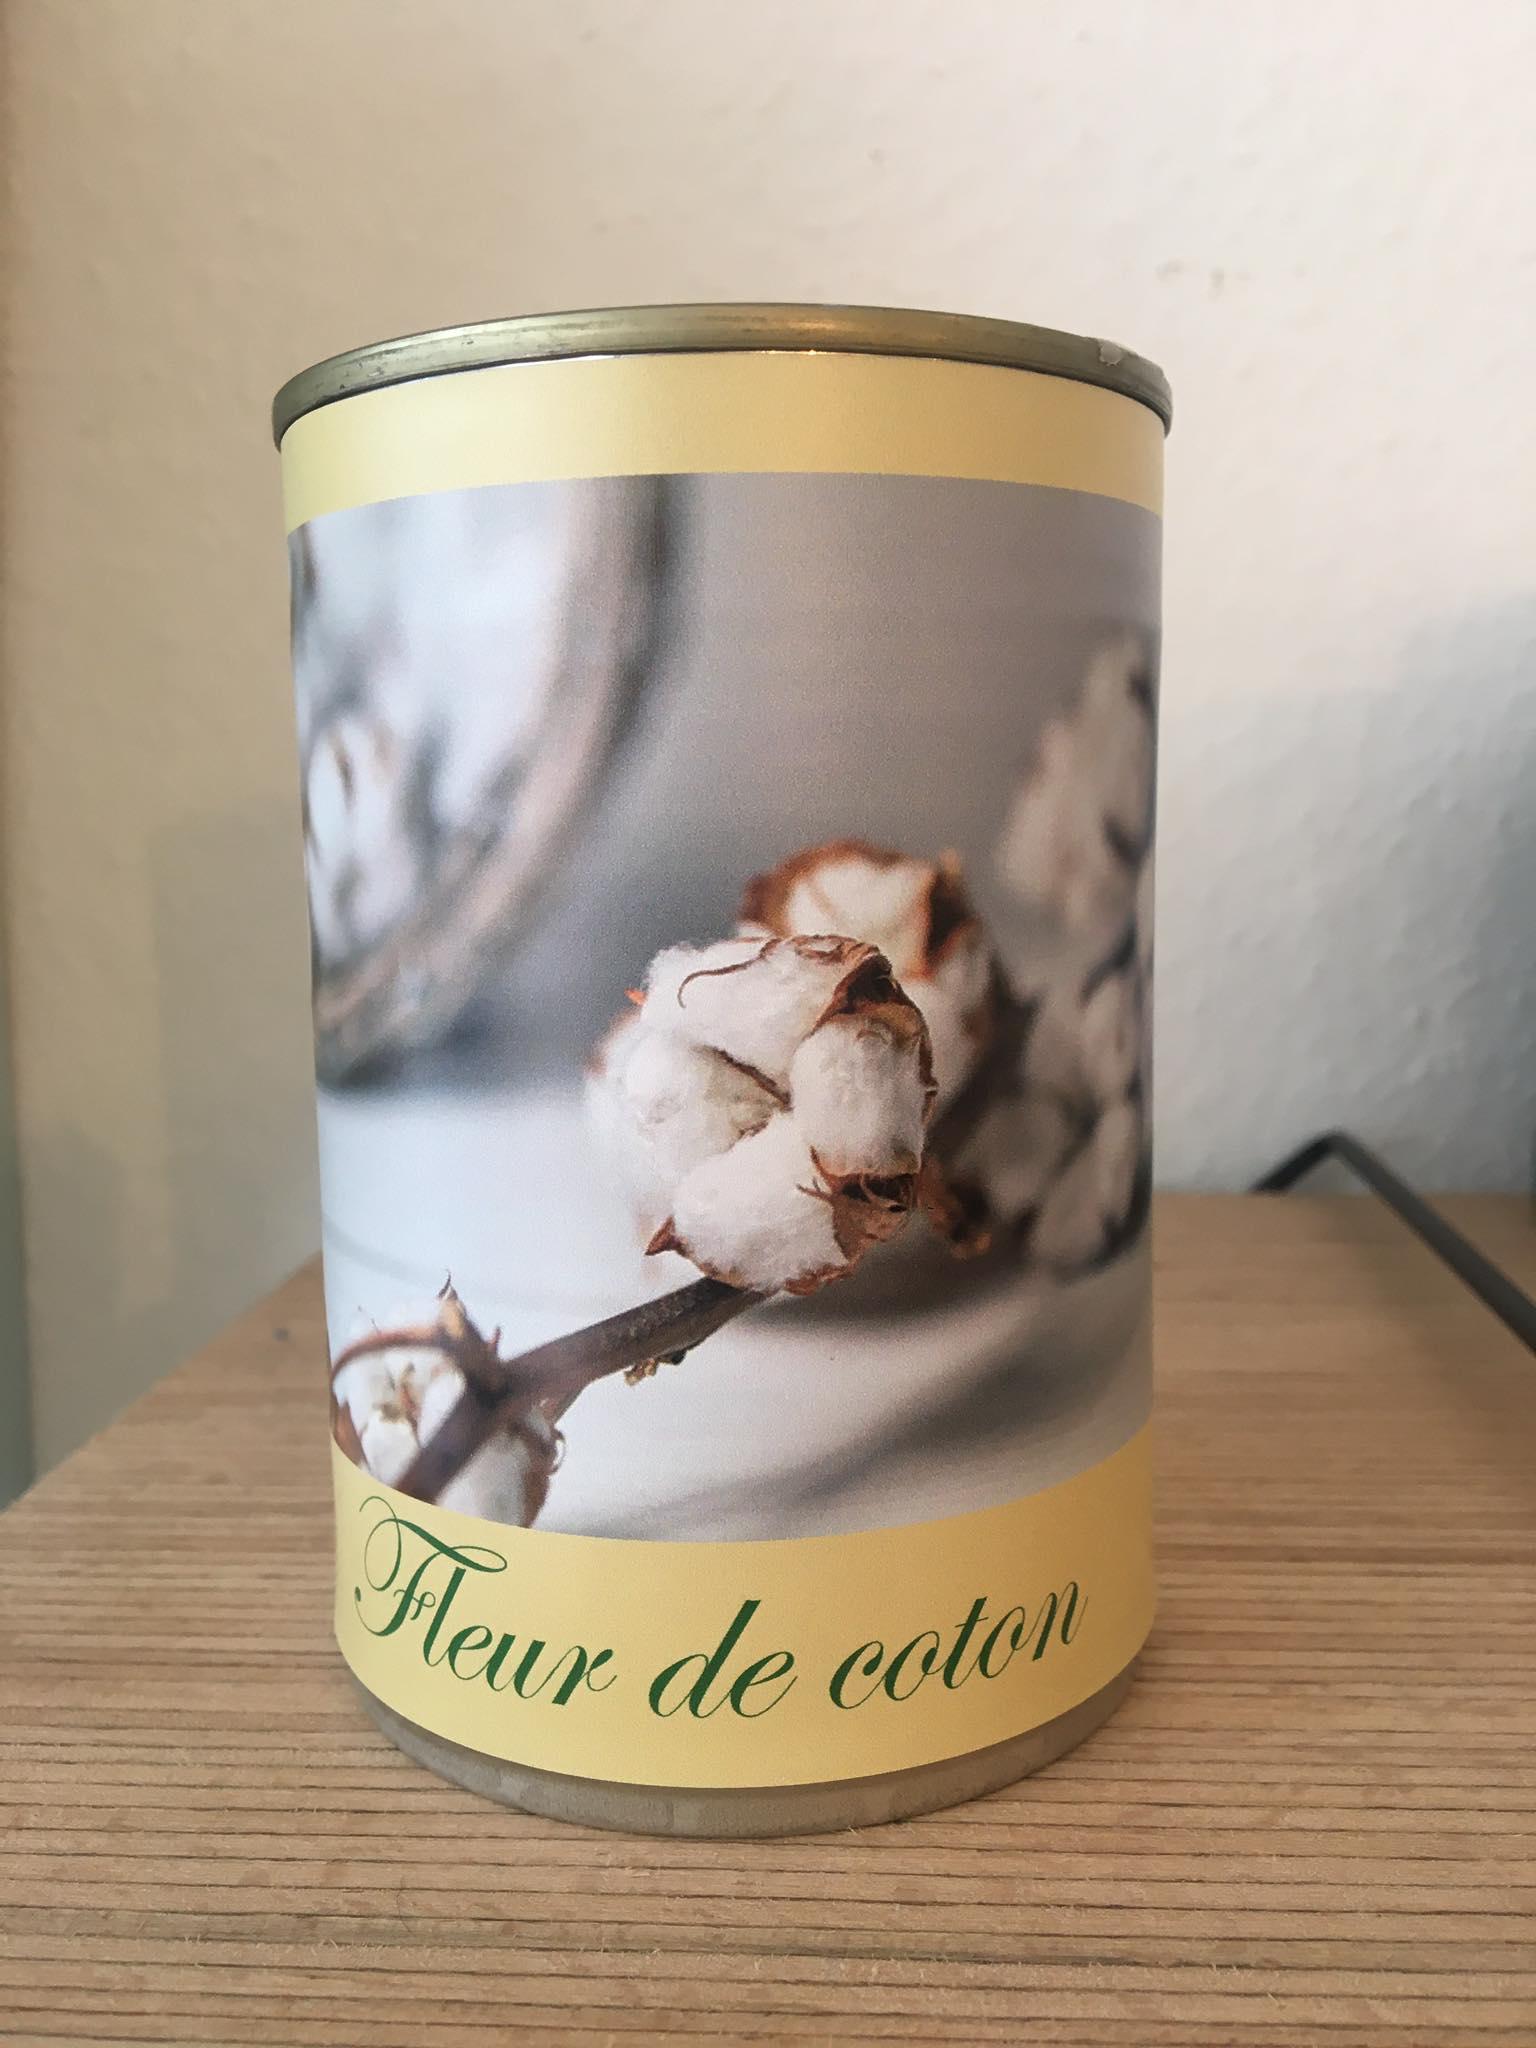 Bougie conserve Fleur de coton * Zeste de patine